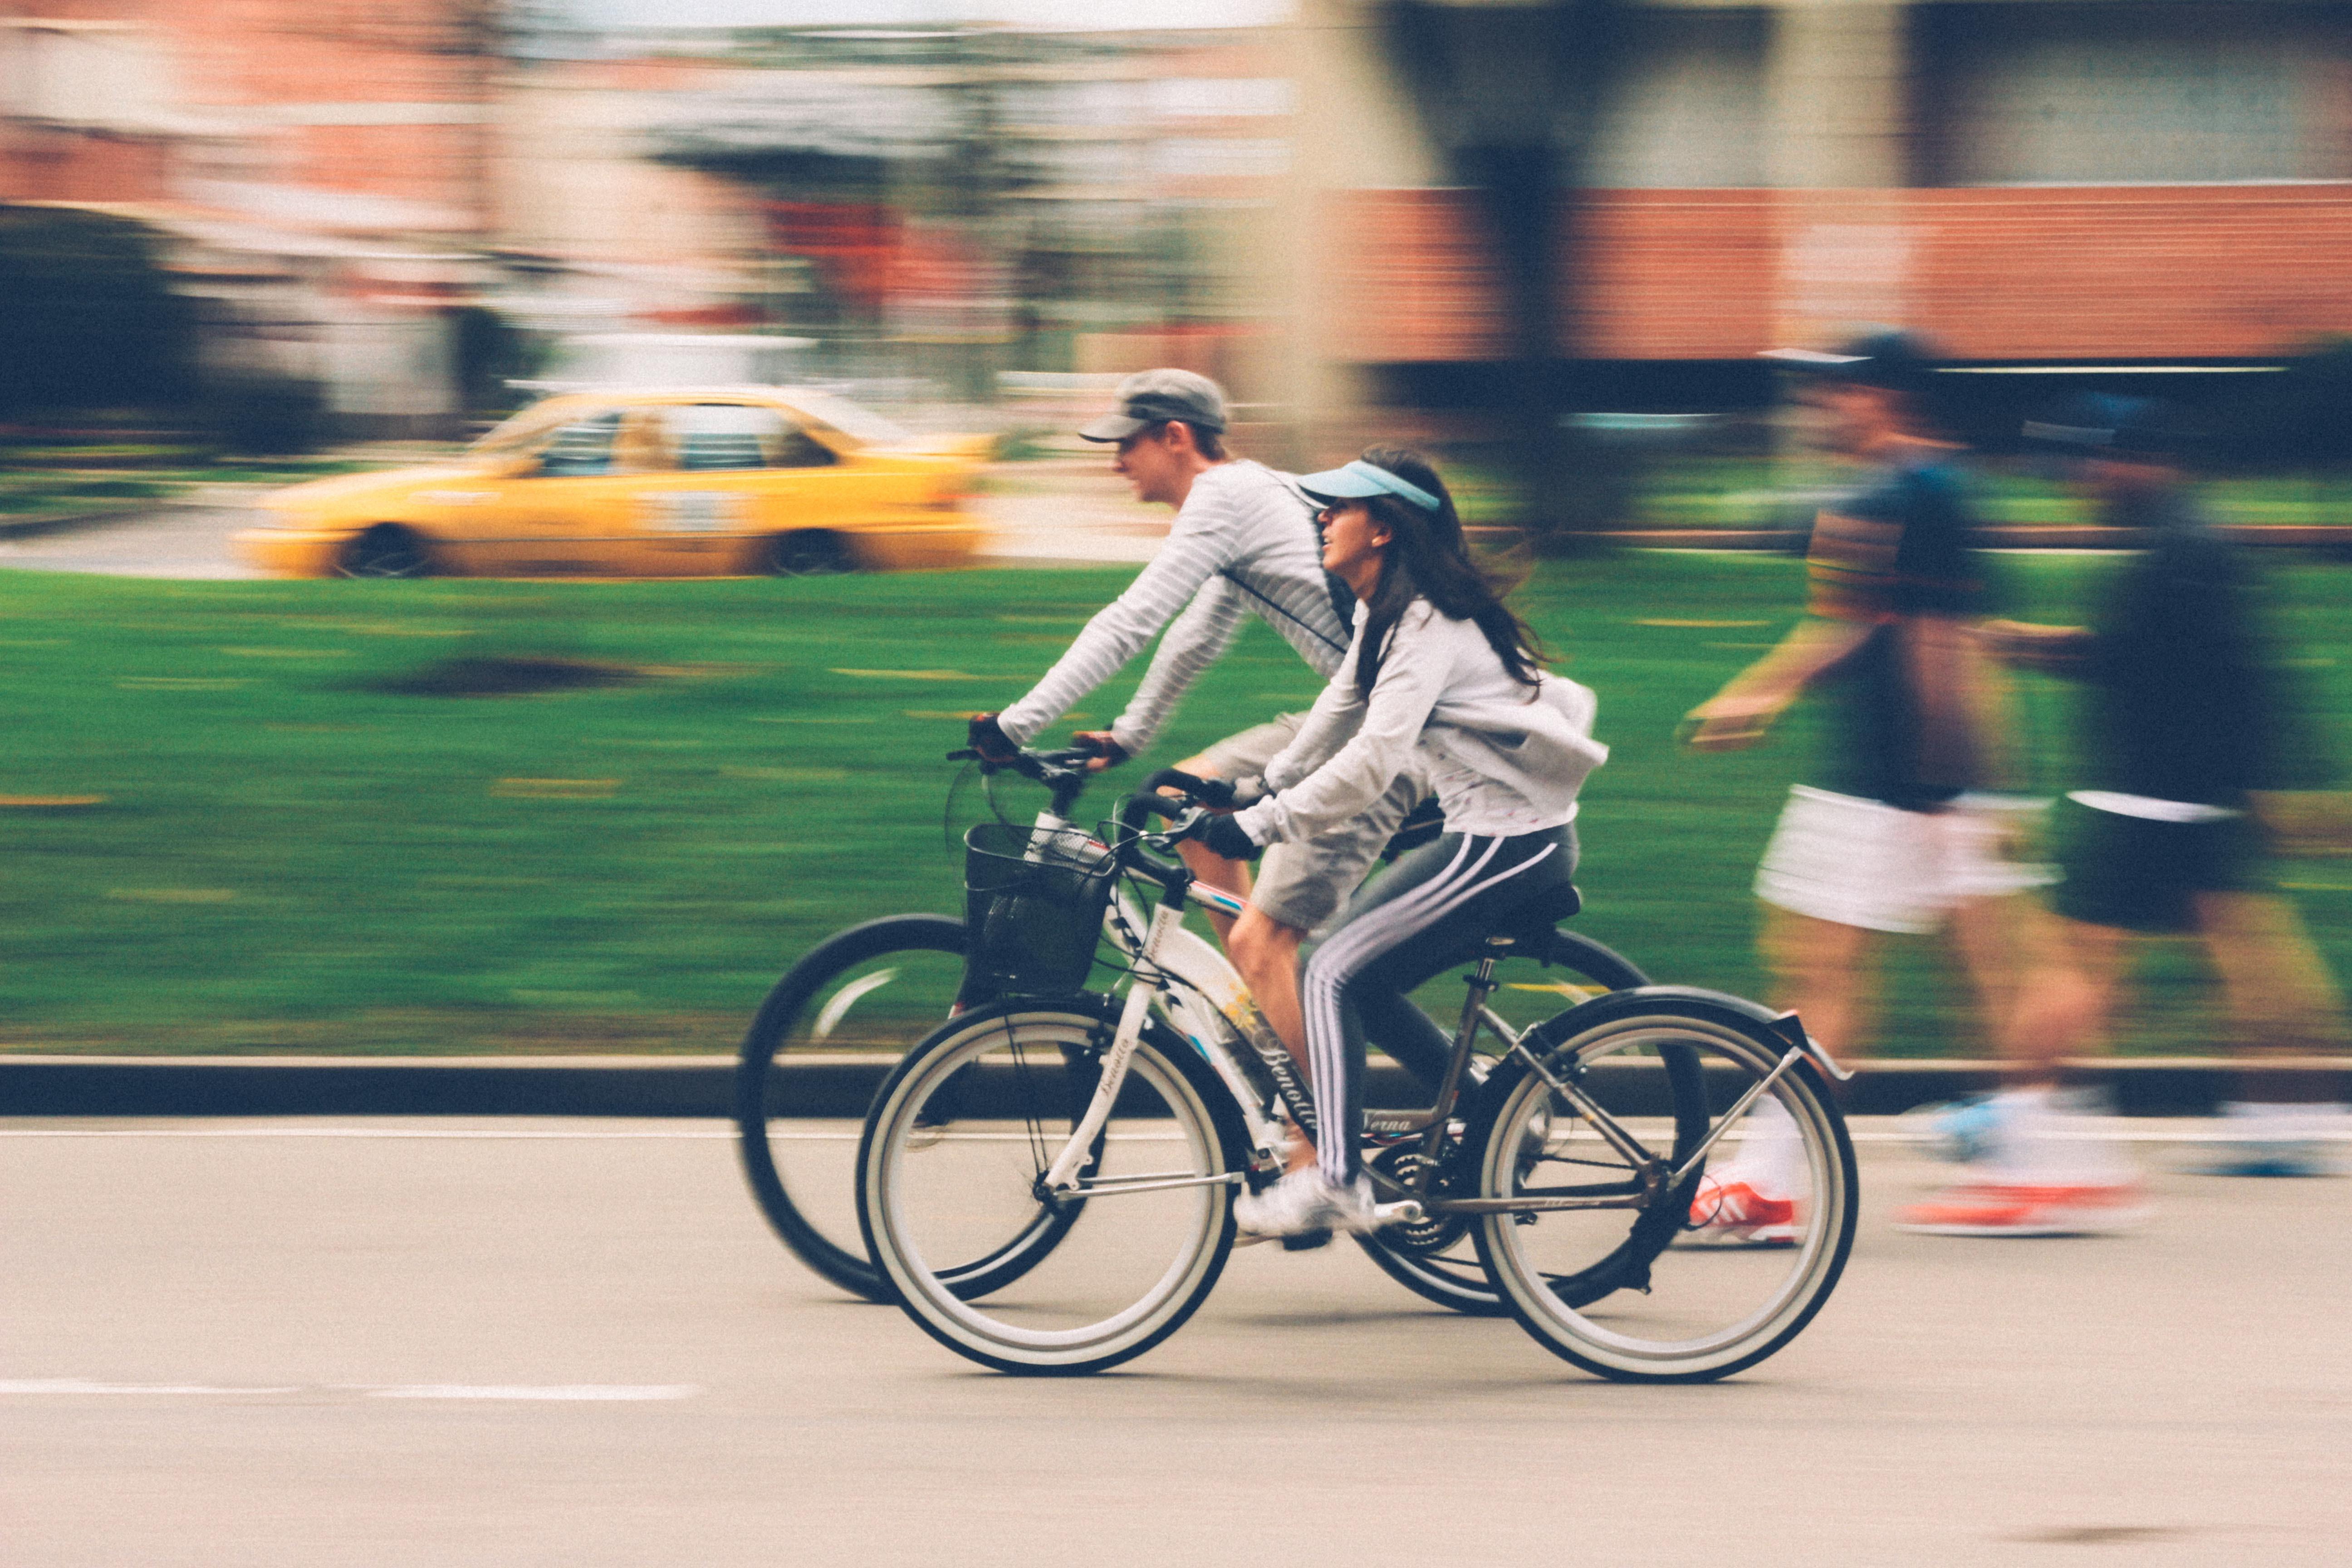 Commencer le sport avec un vélo électrique : les bons conseils